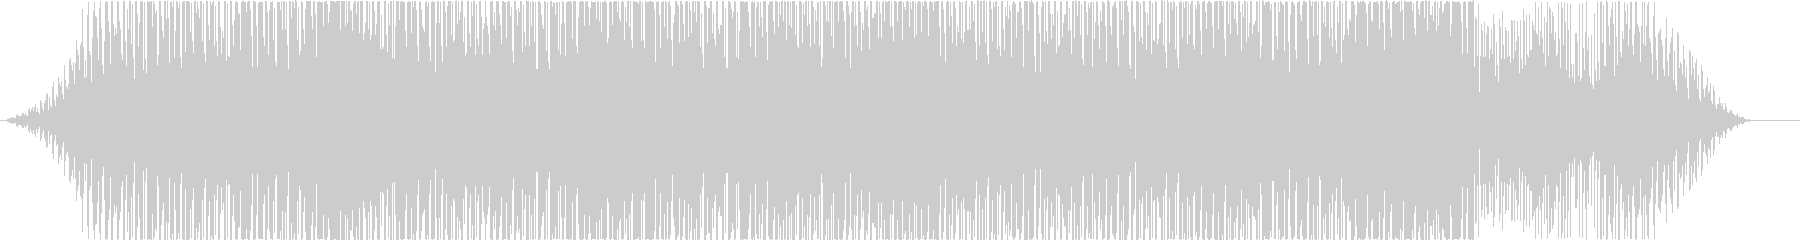 ループと繰り返しの未再生の波形